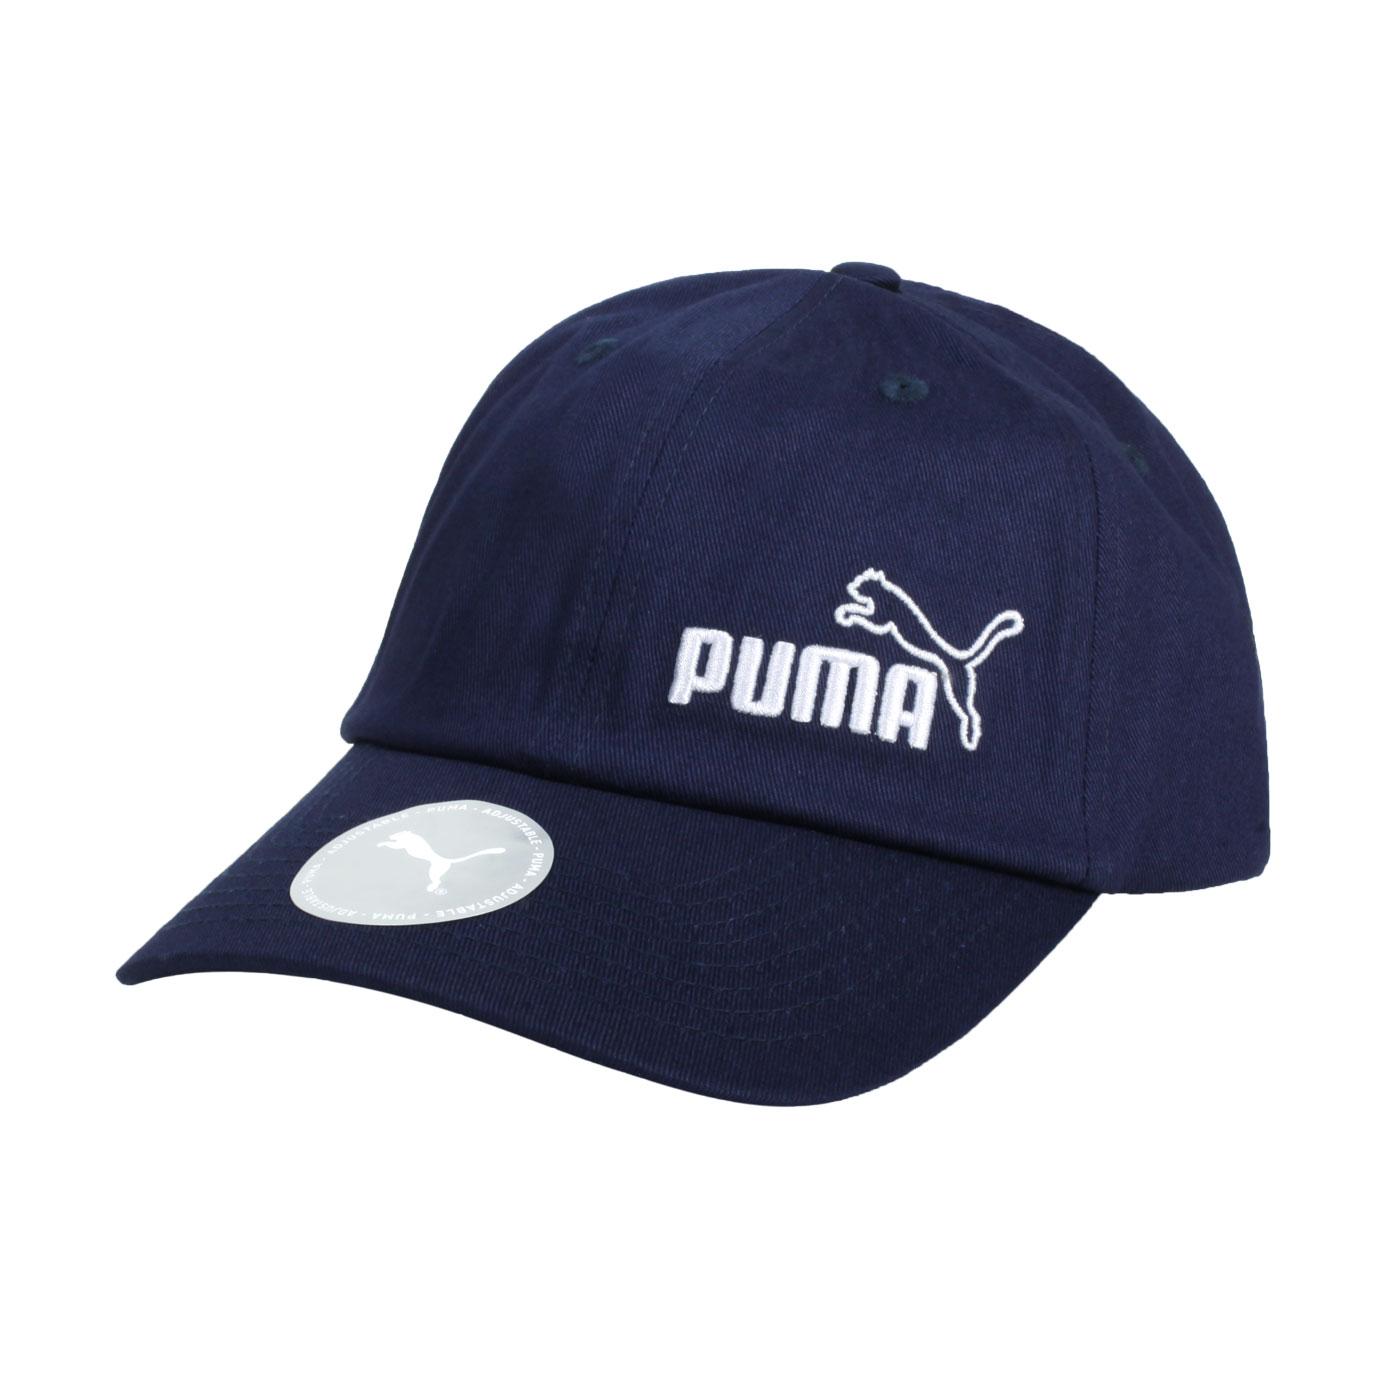 PUMA 基本系列棒球帽 02254327